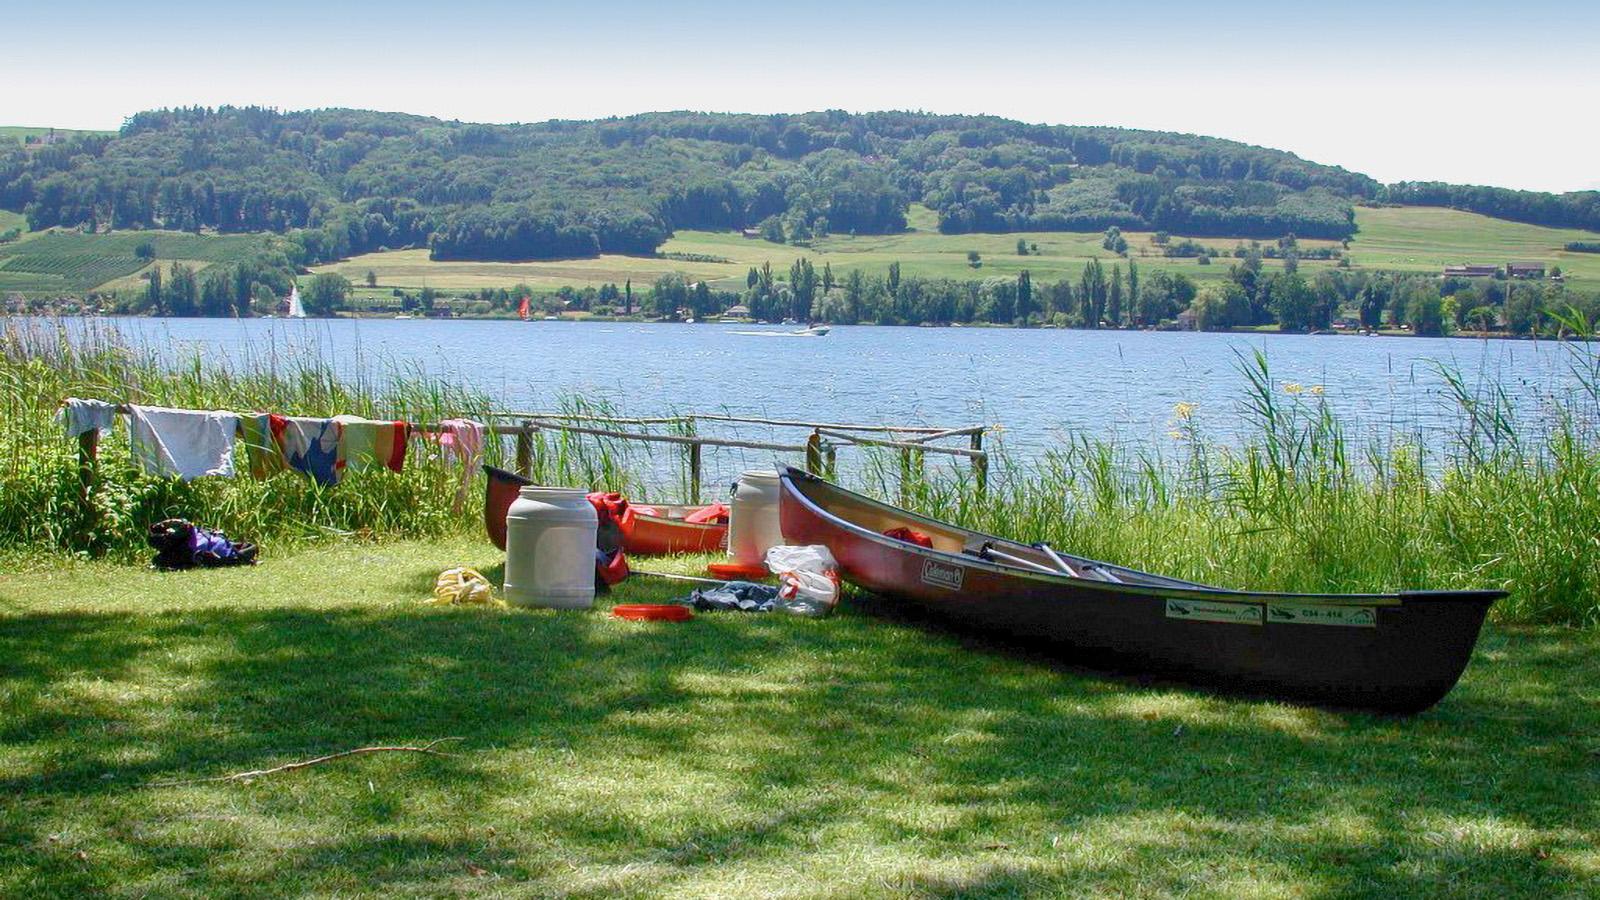 Ferien-Ausflug Paddeln auf dem Bodensee und Rhein mit Picknick am Bodensee